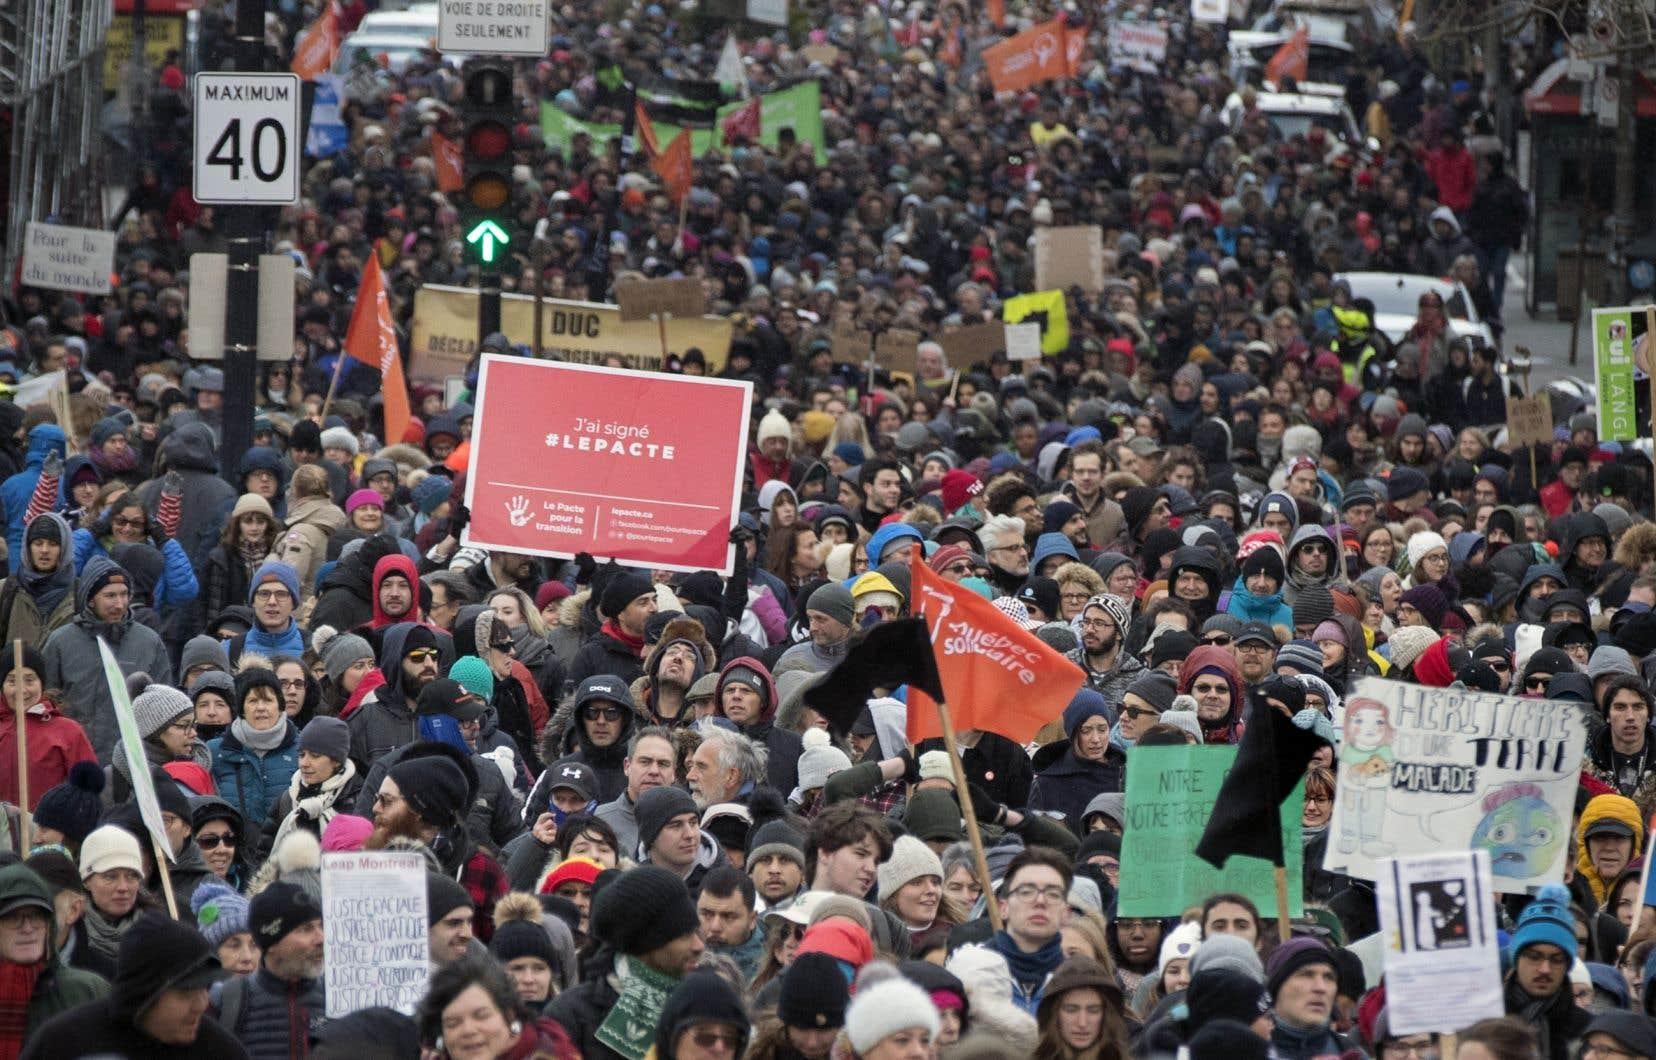 Marche pour le climat le 10 novembre dernier, à Montréal.Le document remis au gouvernement propose une «feuille de route» pour assurer la mise en œuvre d'un vaste chantier de transition vers une économie «sobre en carbone».